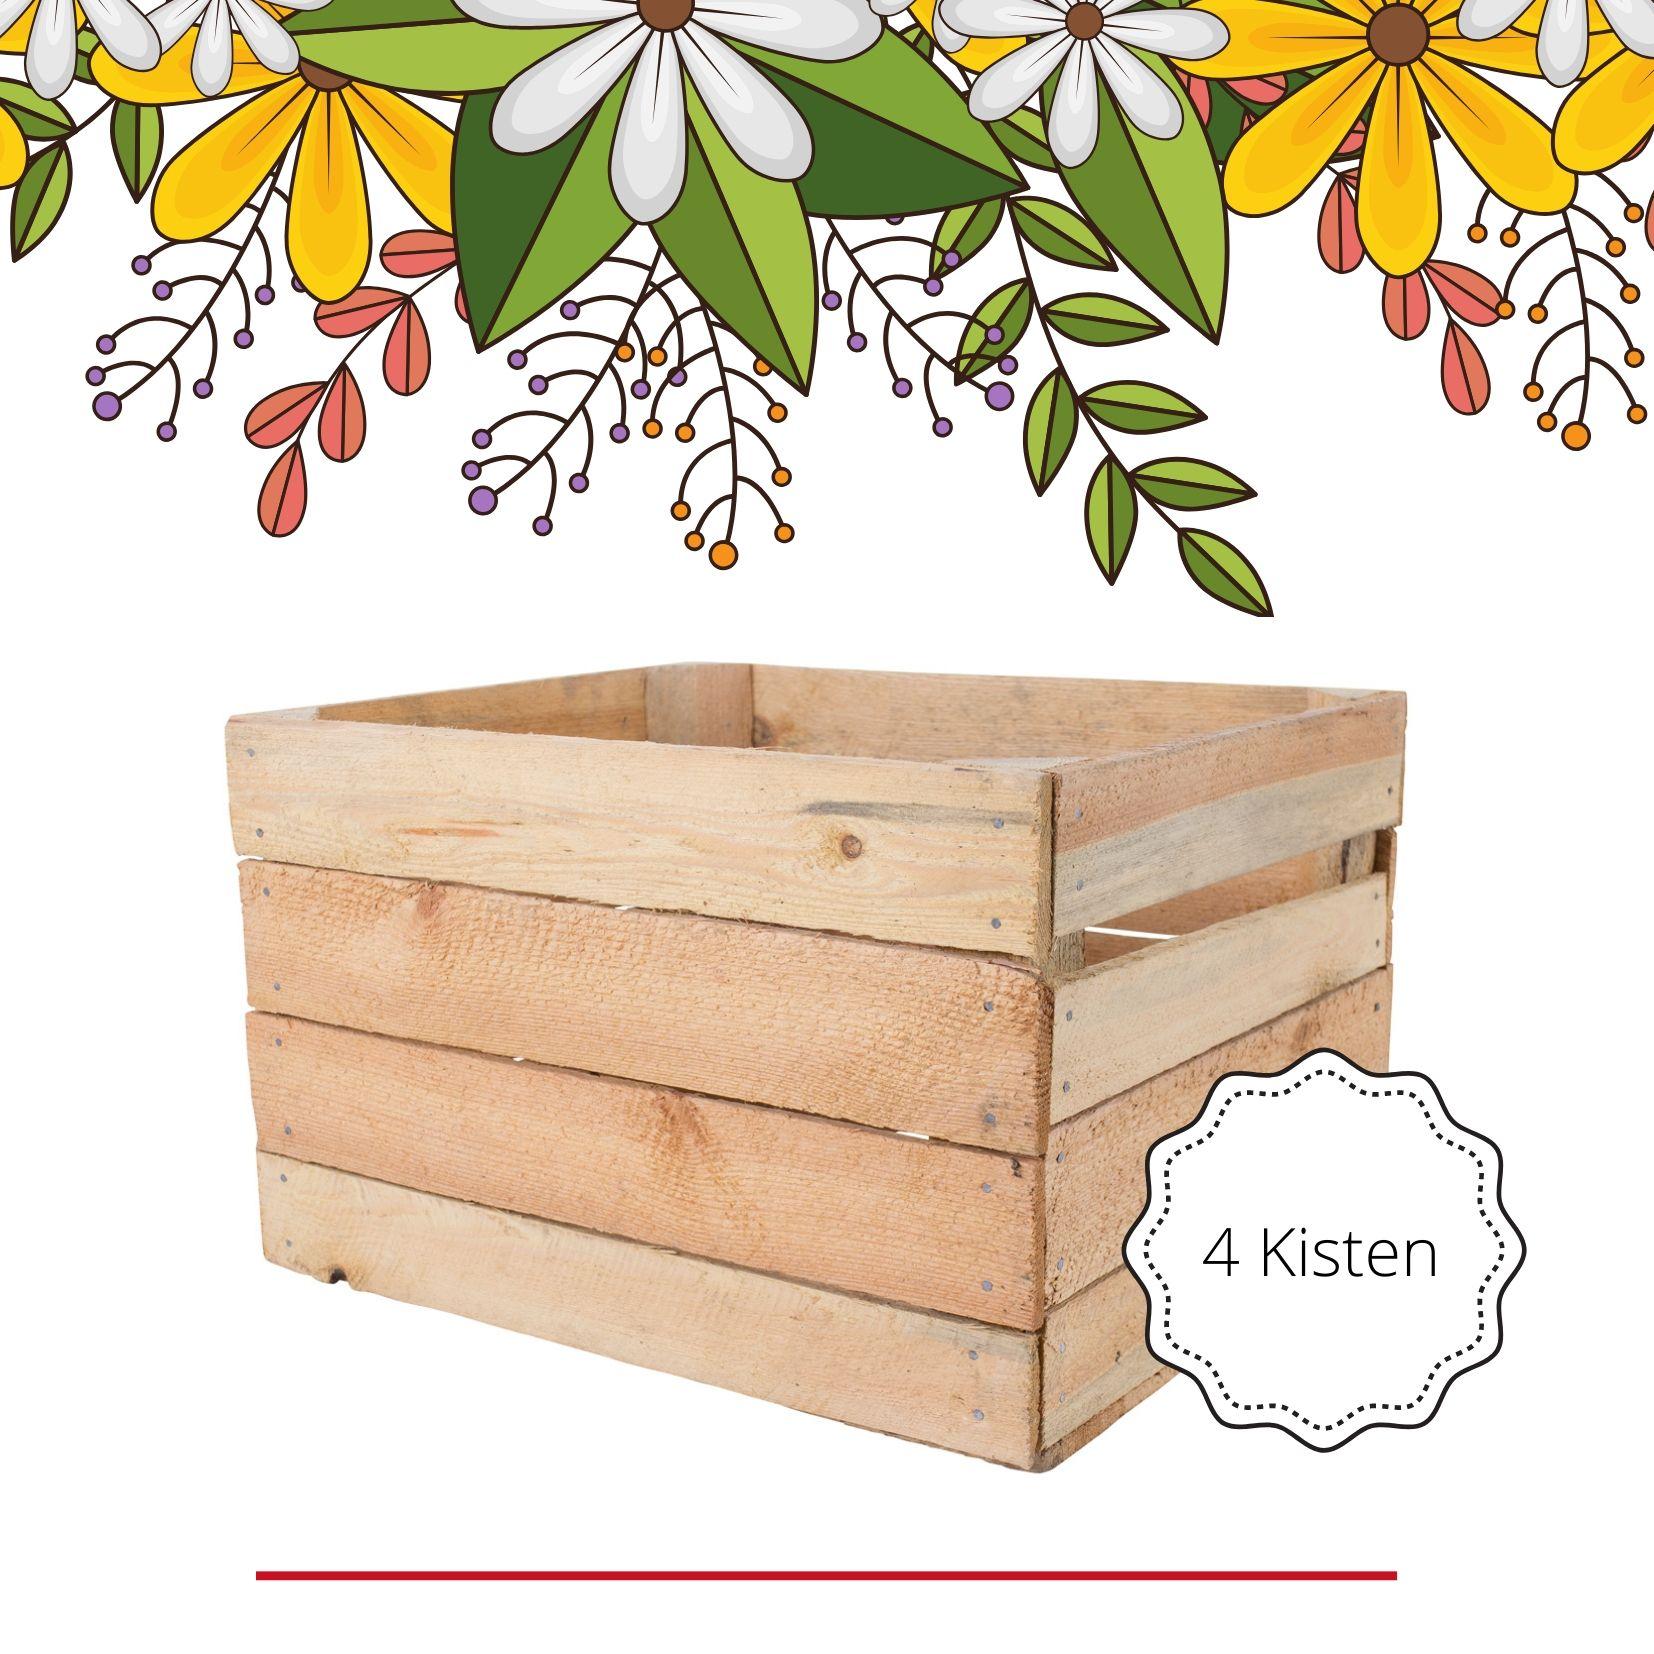 4x Alte helle Kisten I Ideal zum dekorieren rund ums Haus